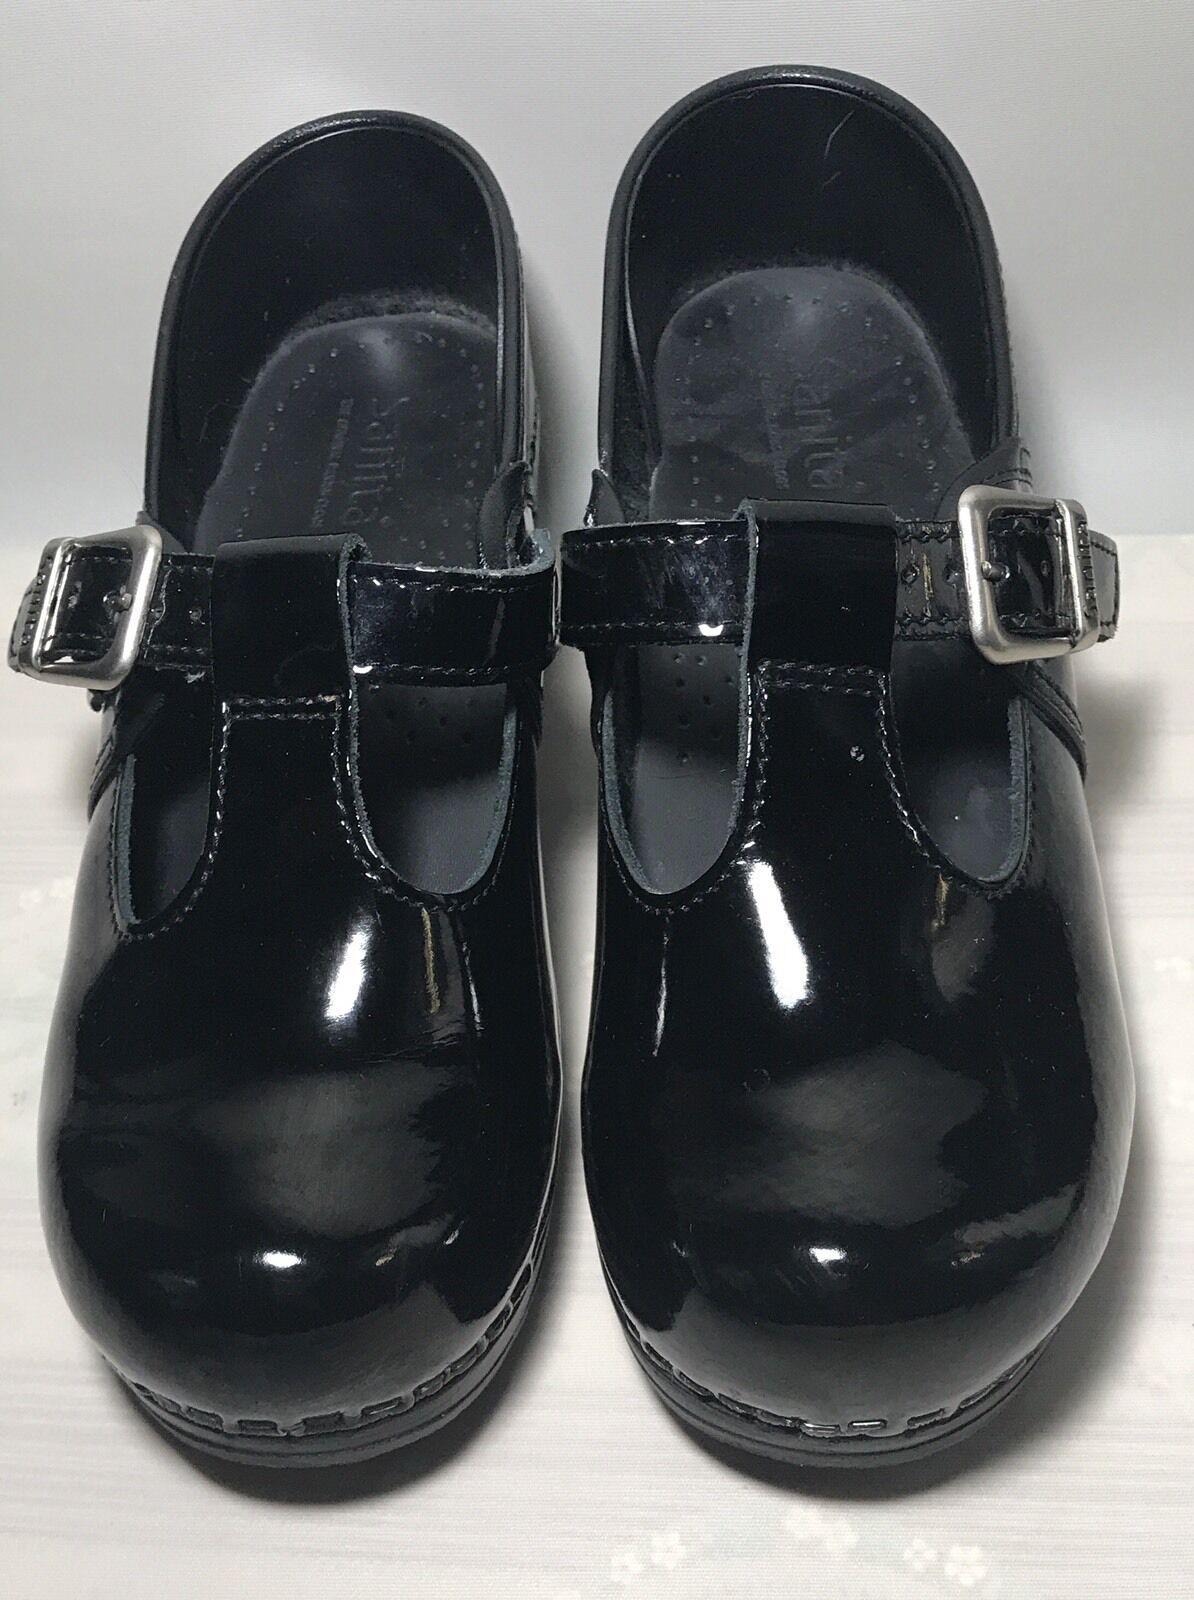 DANISH CLOGS WOMEN'S Schuhe Günstige und gute Schuhe